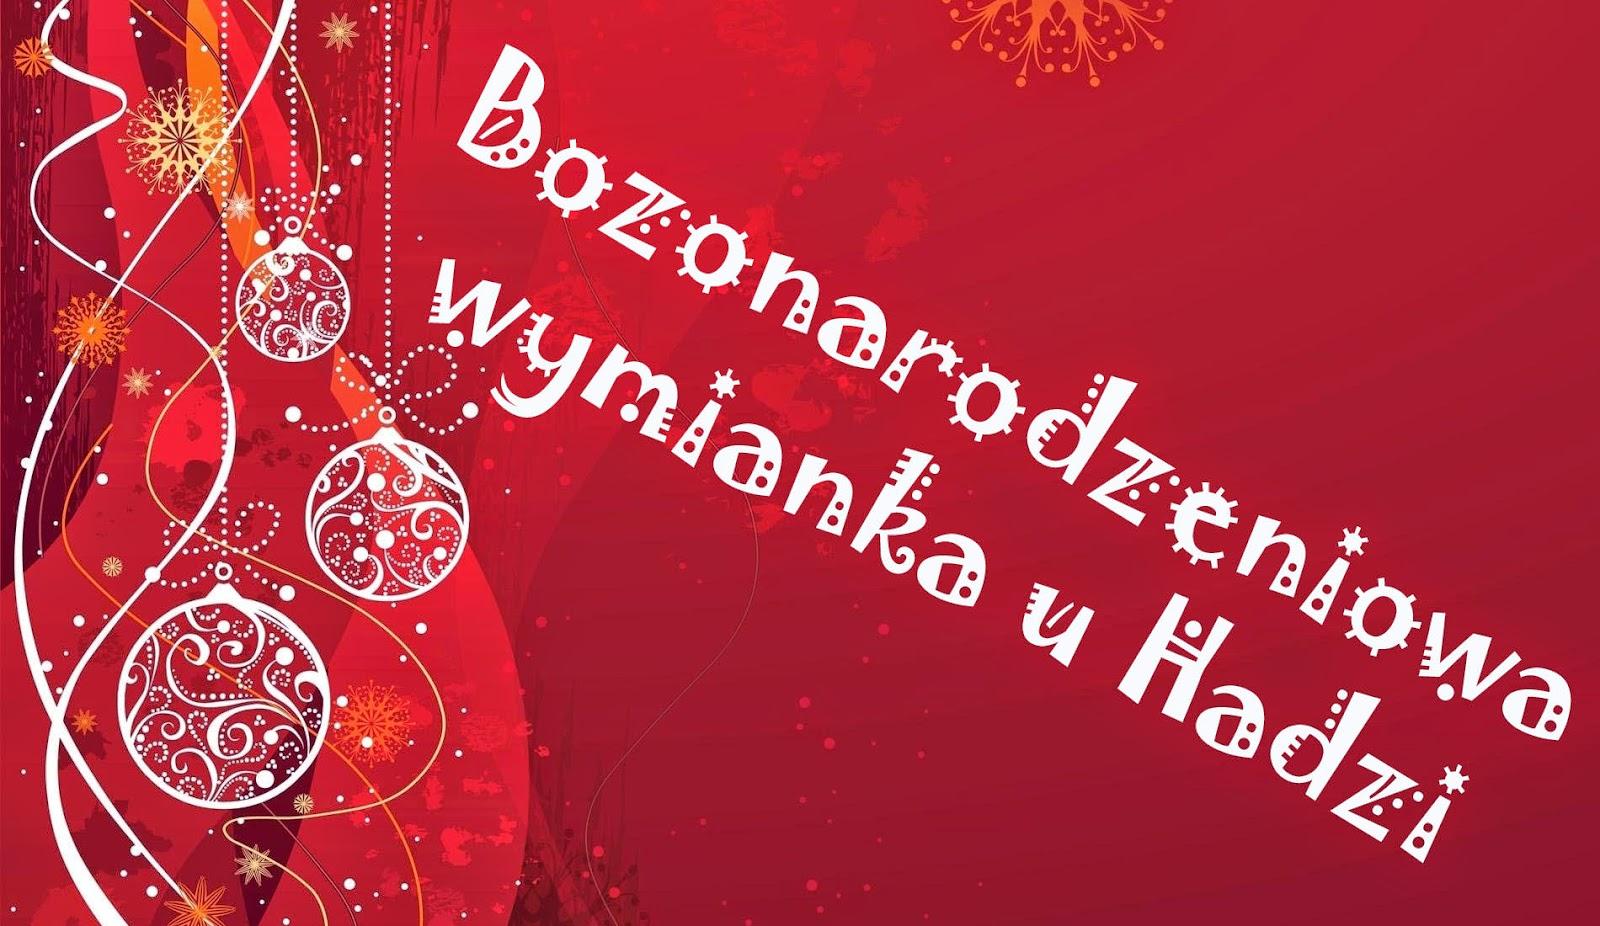 http://bojalubiekaweiksiazki.blogspot.com/2014/10/bozonarodzeniowa-wymianka-u-hadzi-2014.html